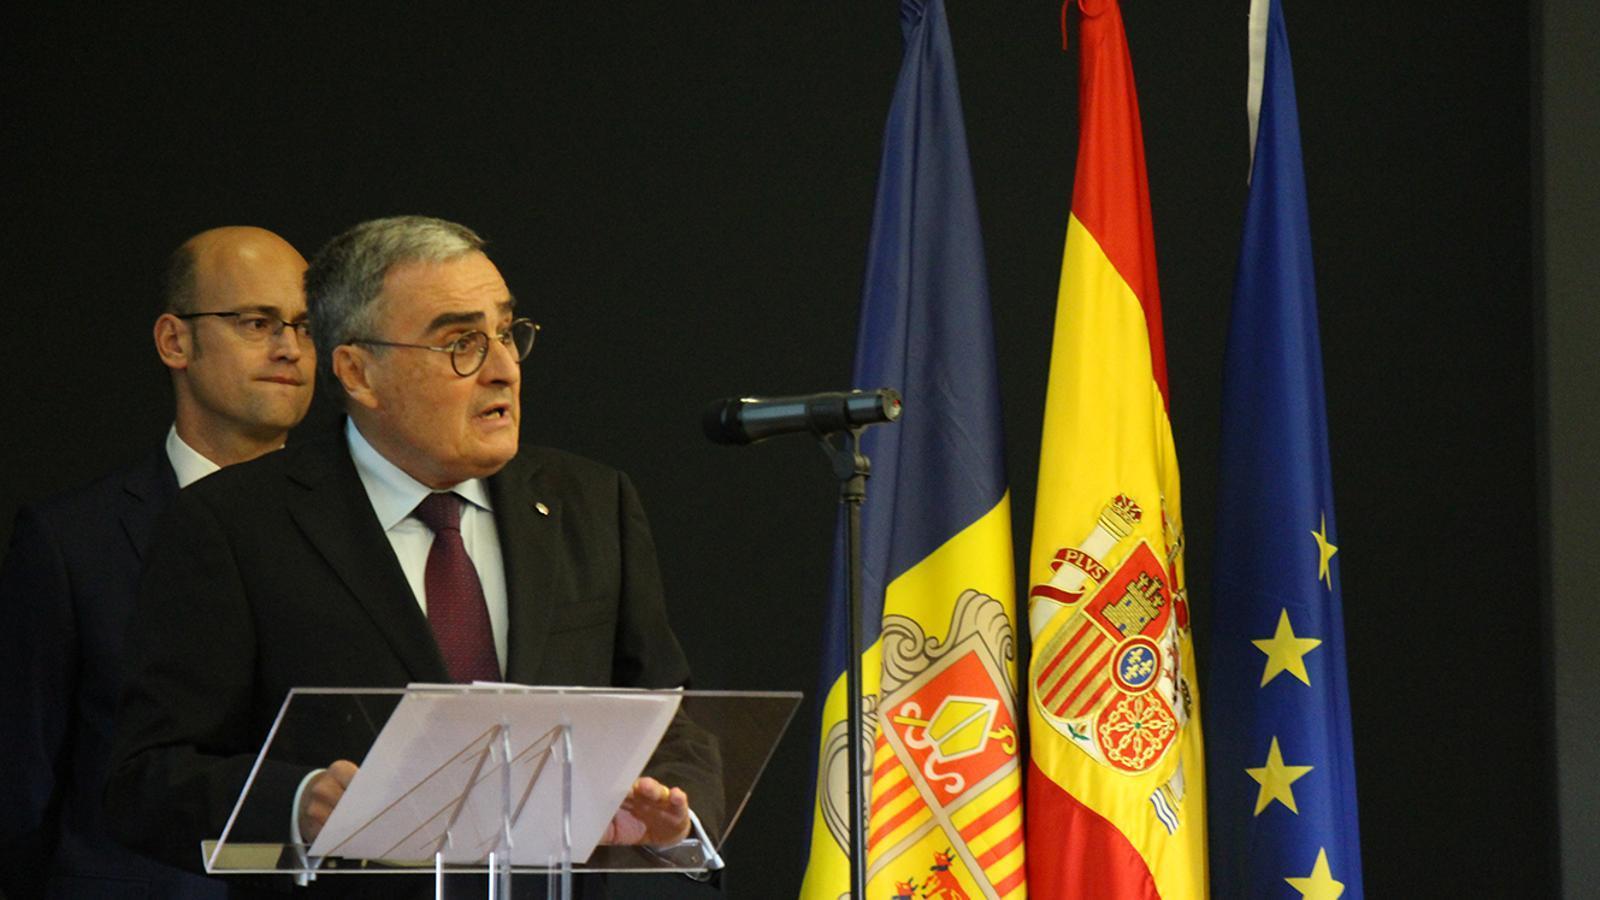 L'ambaixador espanyol, Àngel Ros, durant el discurs que ha fet per commemorar la festa nacional d'Espanya. / M. M. (ANA)